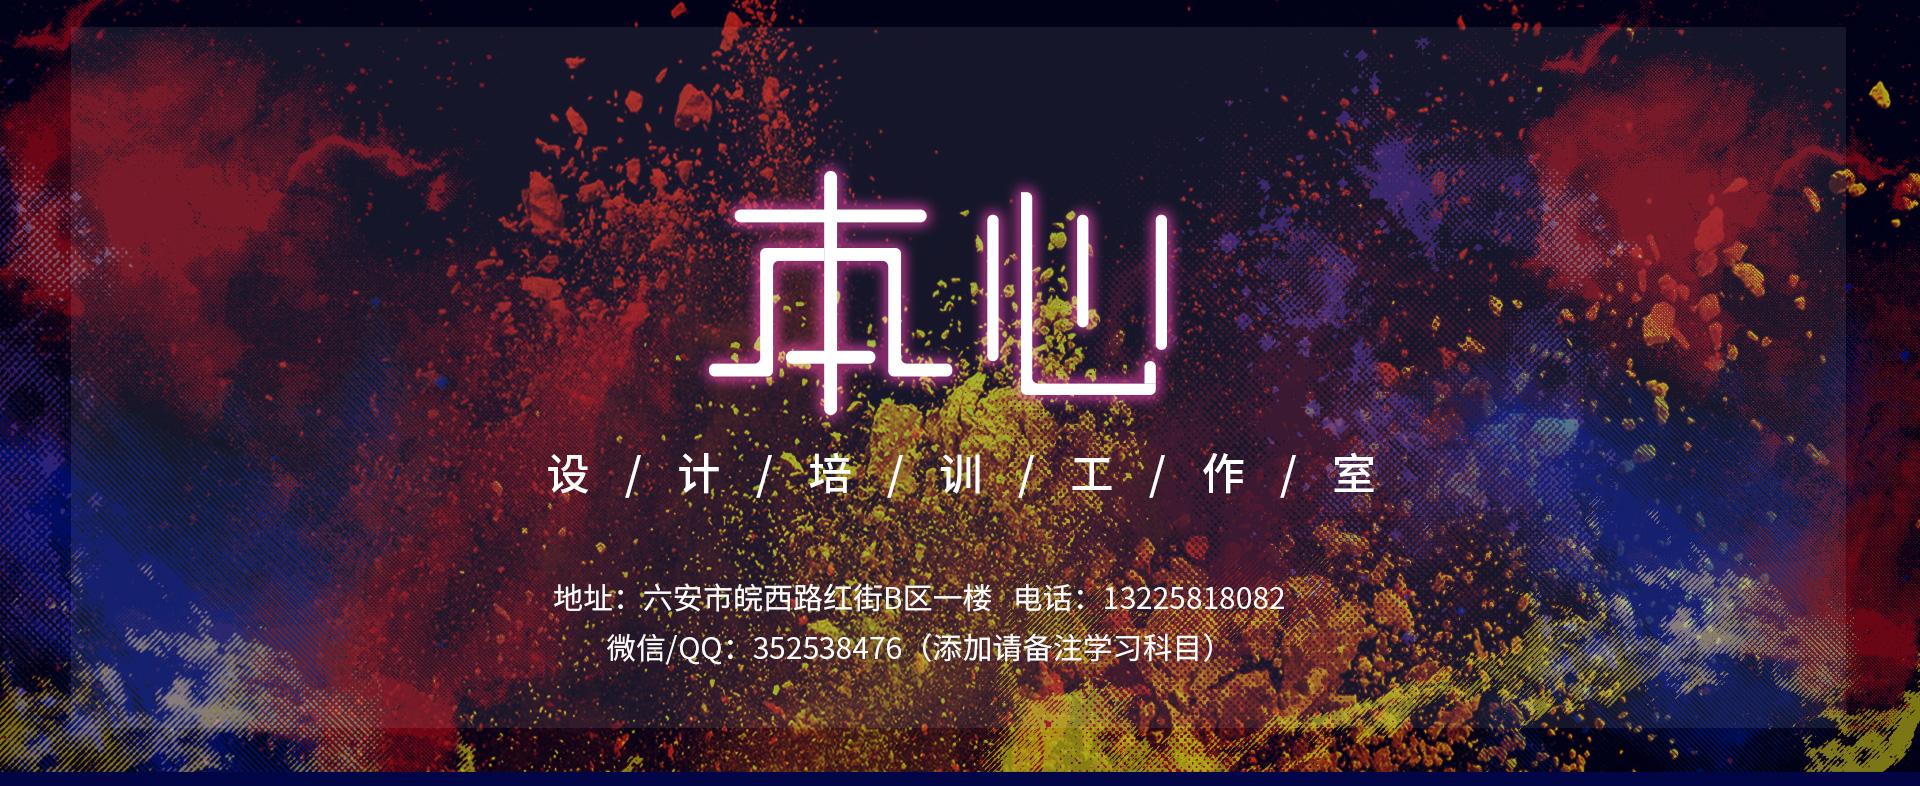 19年宣传图_05.jpg